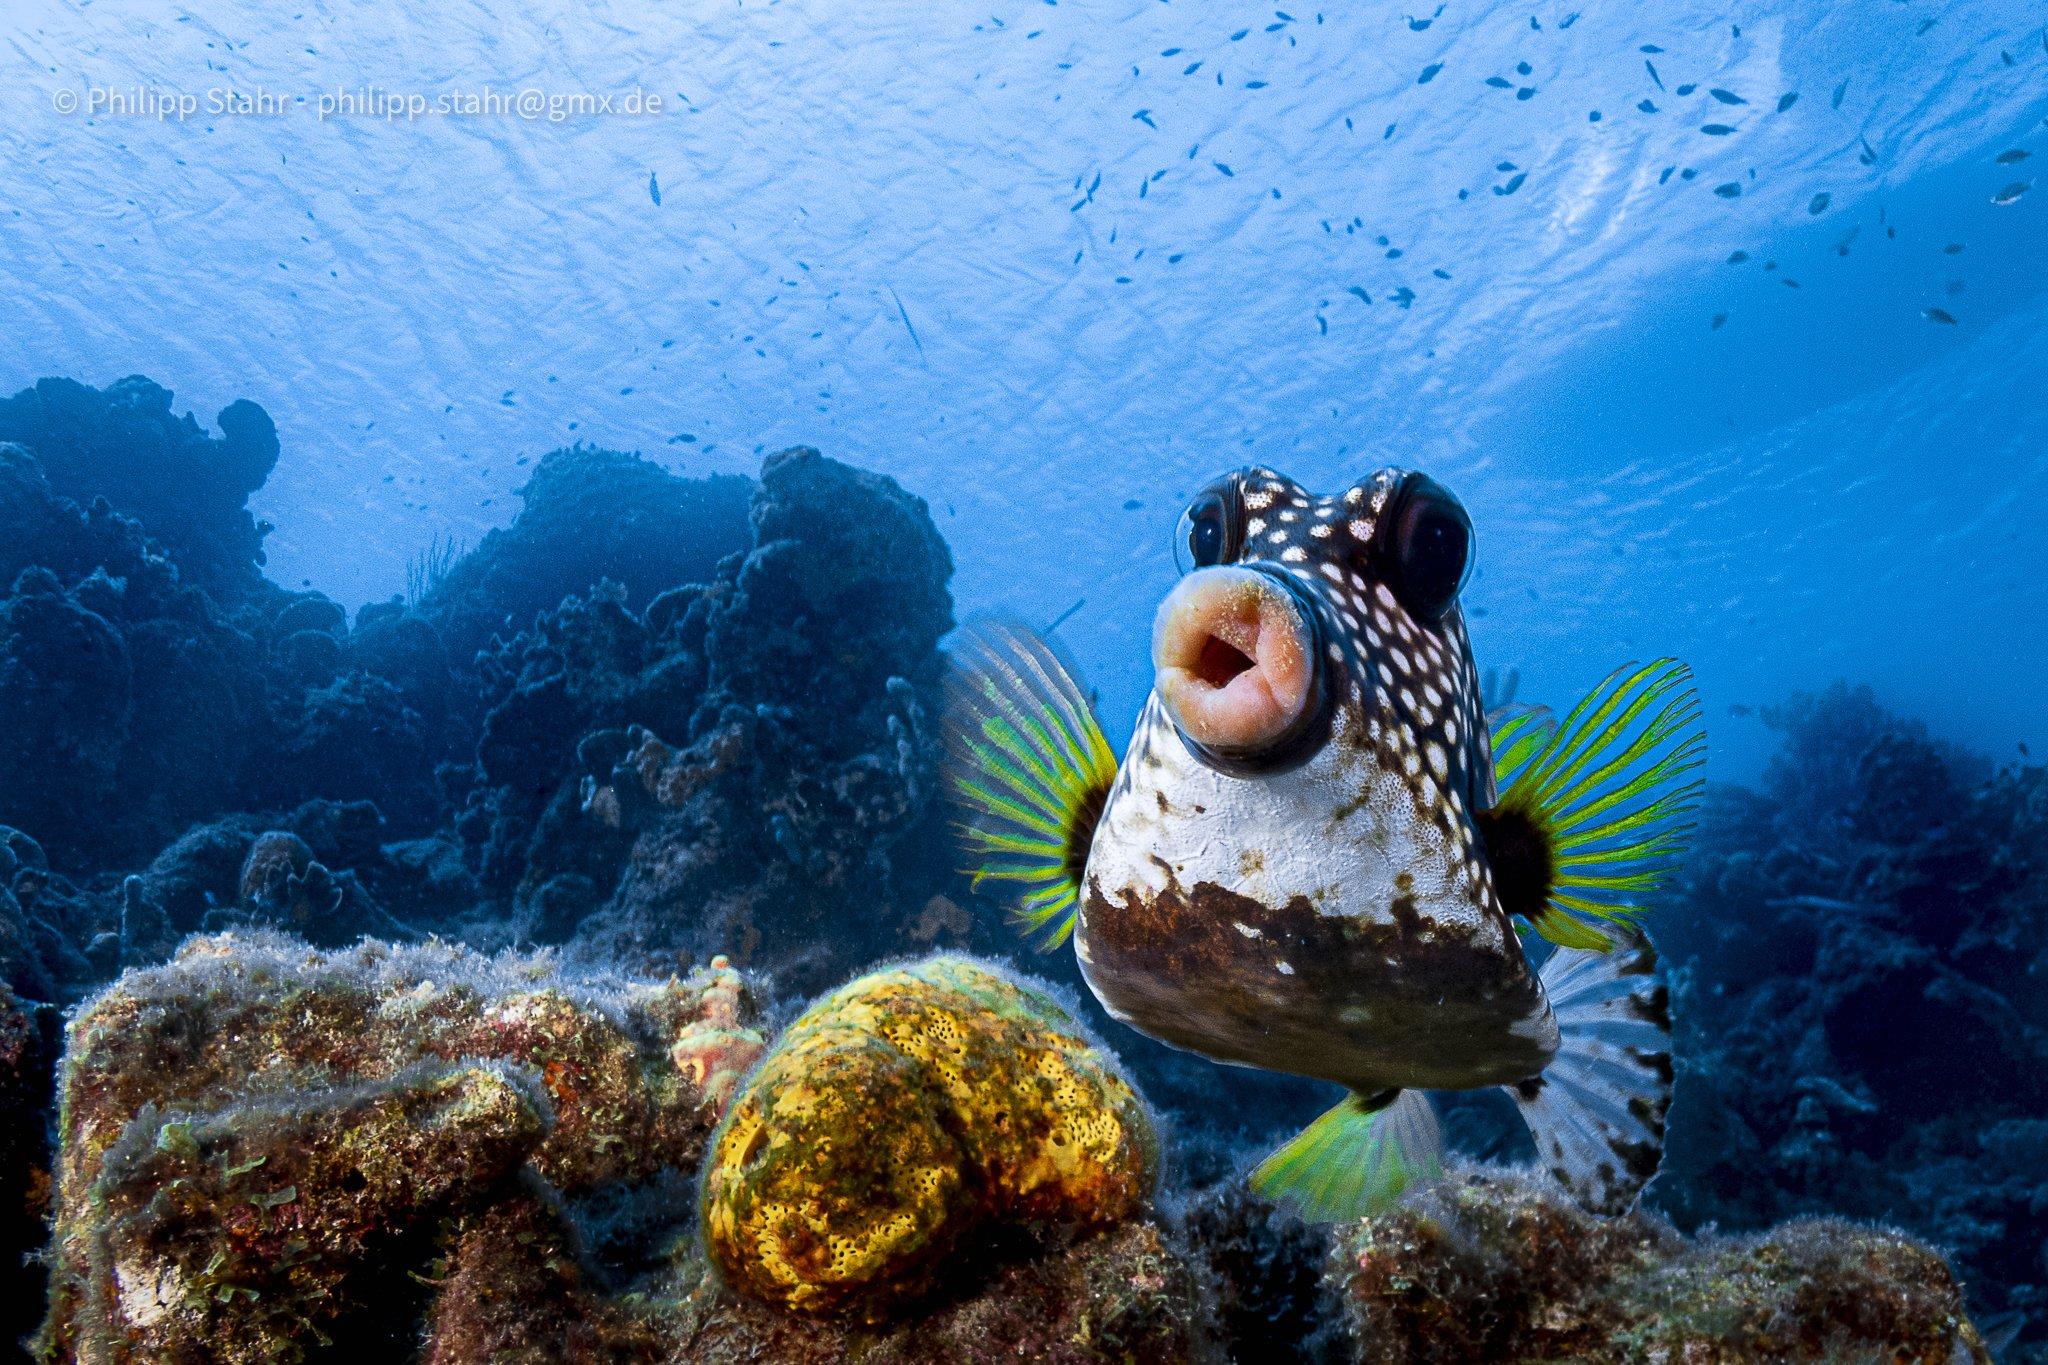 복어의 일종인 코거북복이 두툼한 입술을 뽐내며 마치 '뽀뽀'를 하려는 듯 달려들고 있다. 카리브해 남부의 퀴라소에서 포착됐다. [©Philipp Stahr/Comedywildlifephoto.com]